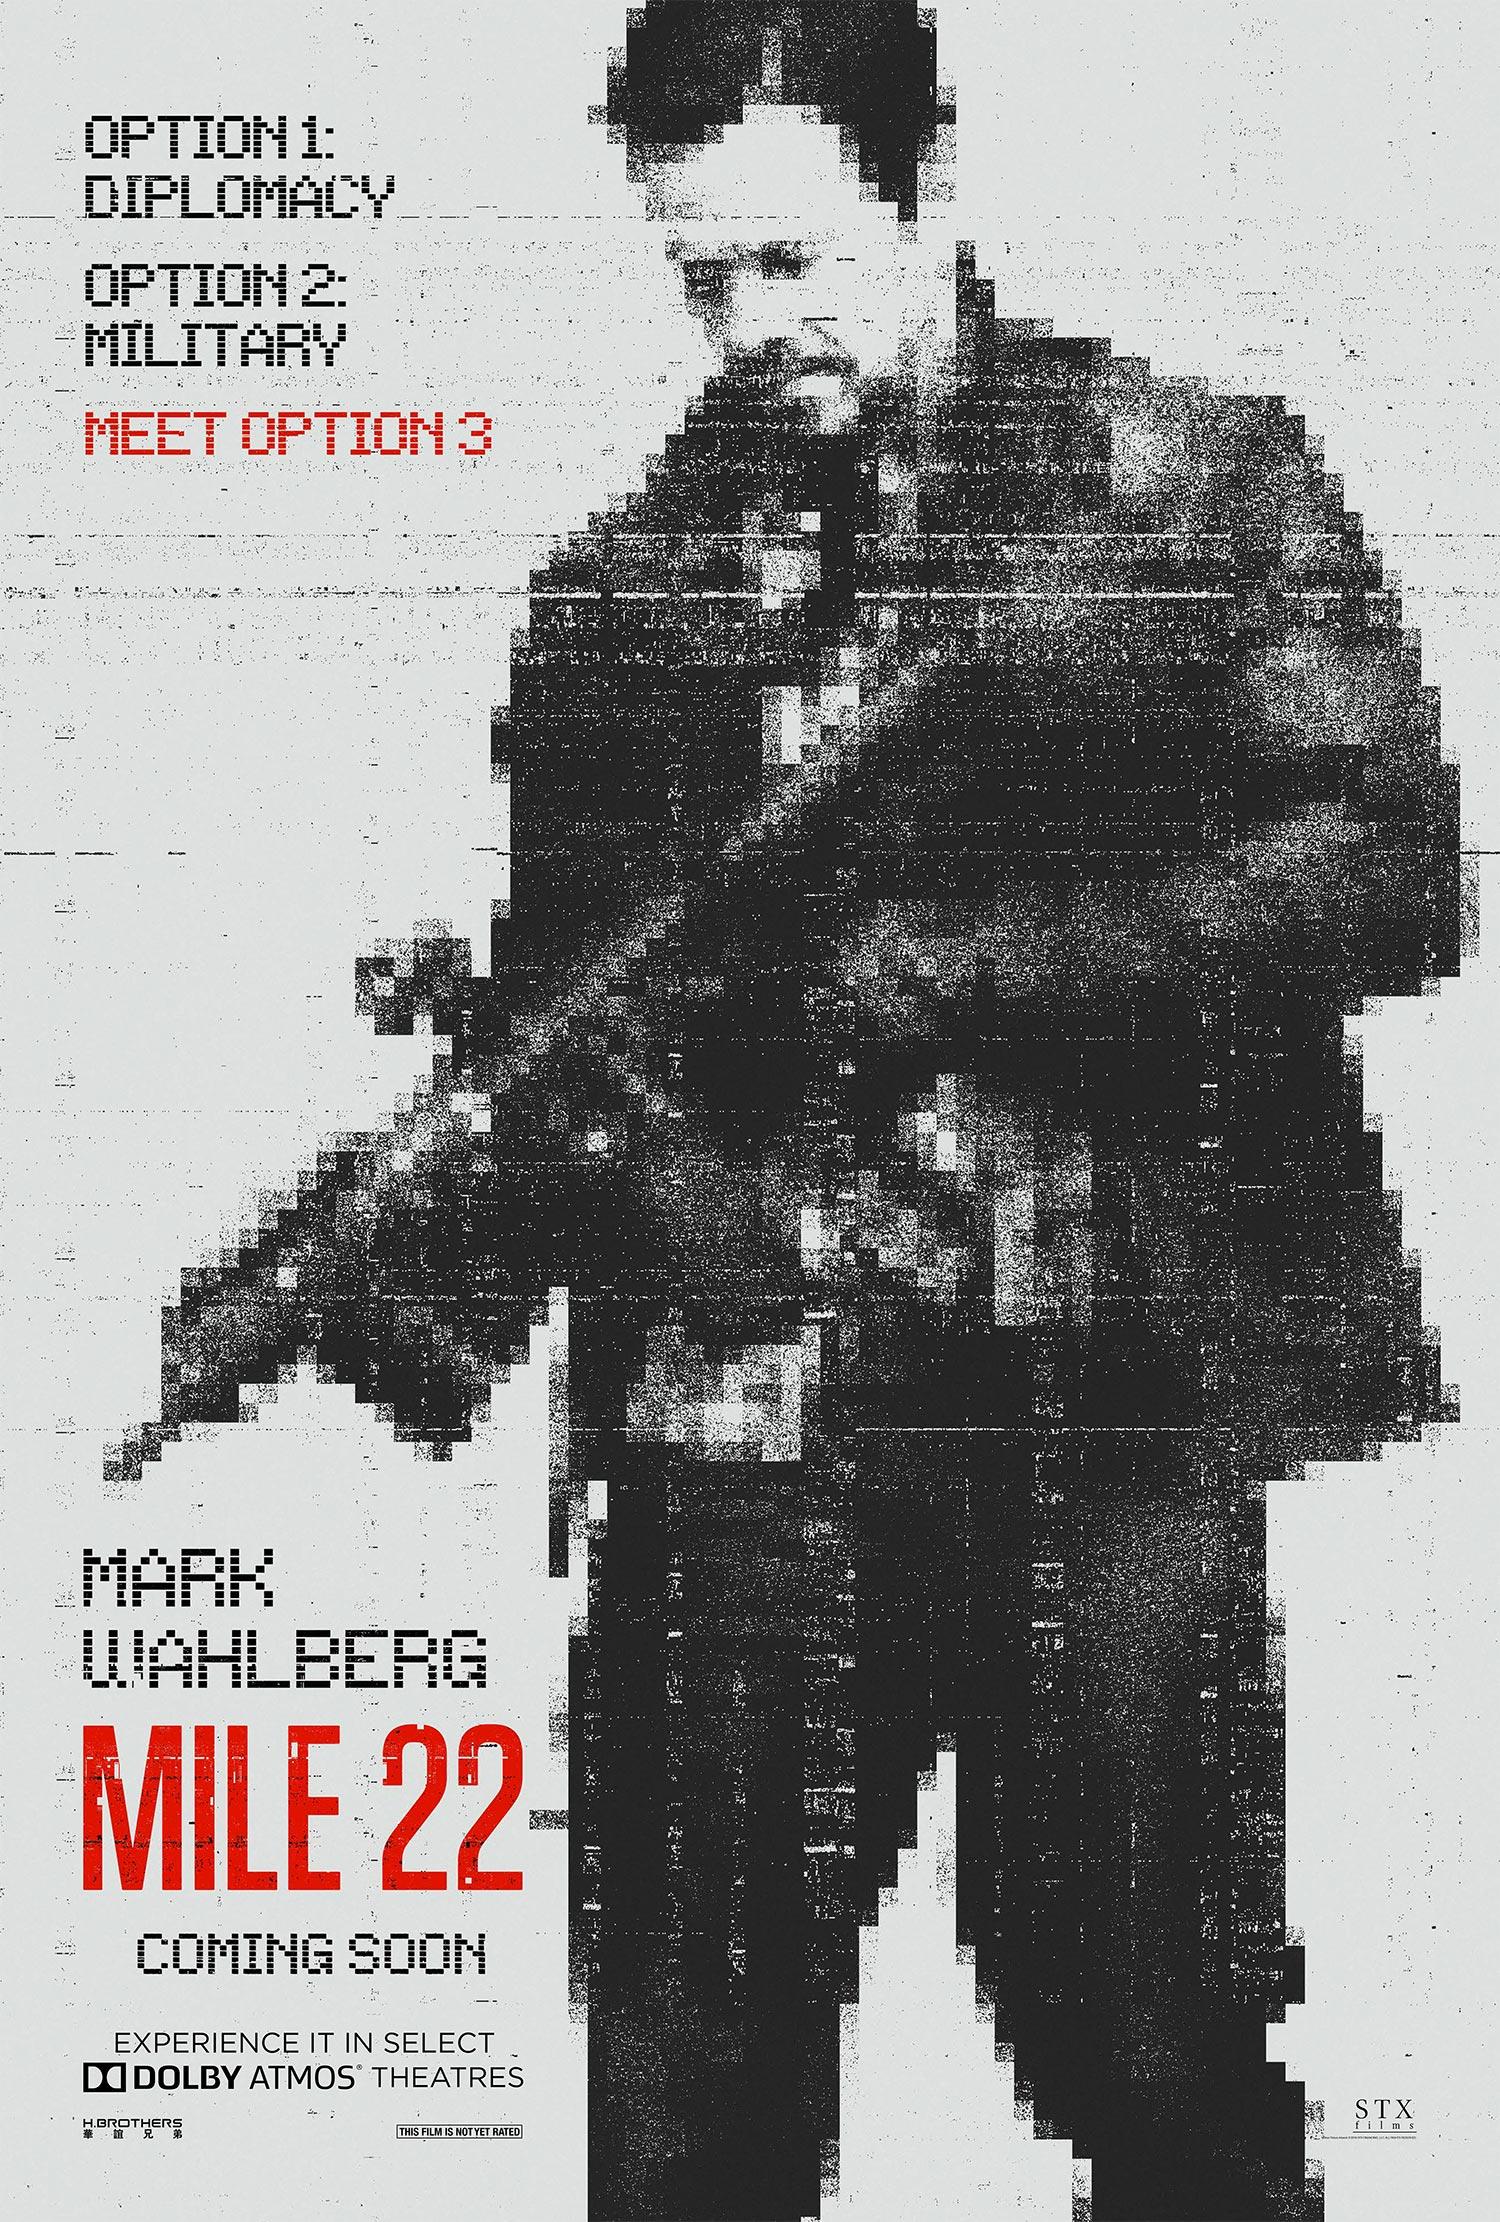 Mile22_1Sht_RGB_1500px_1MB